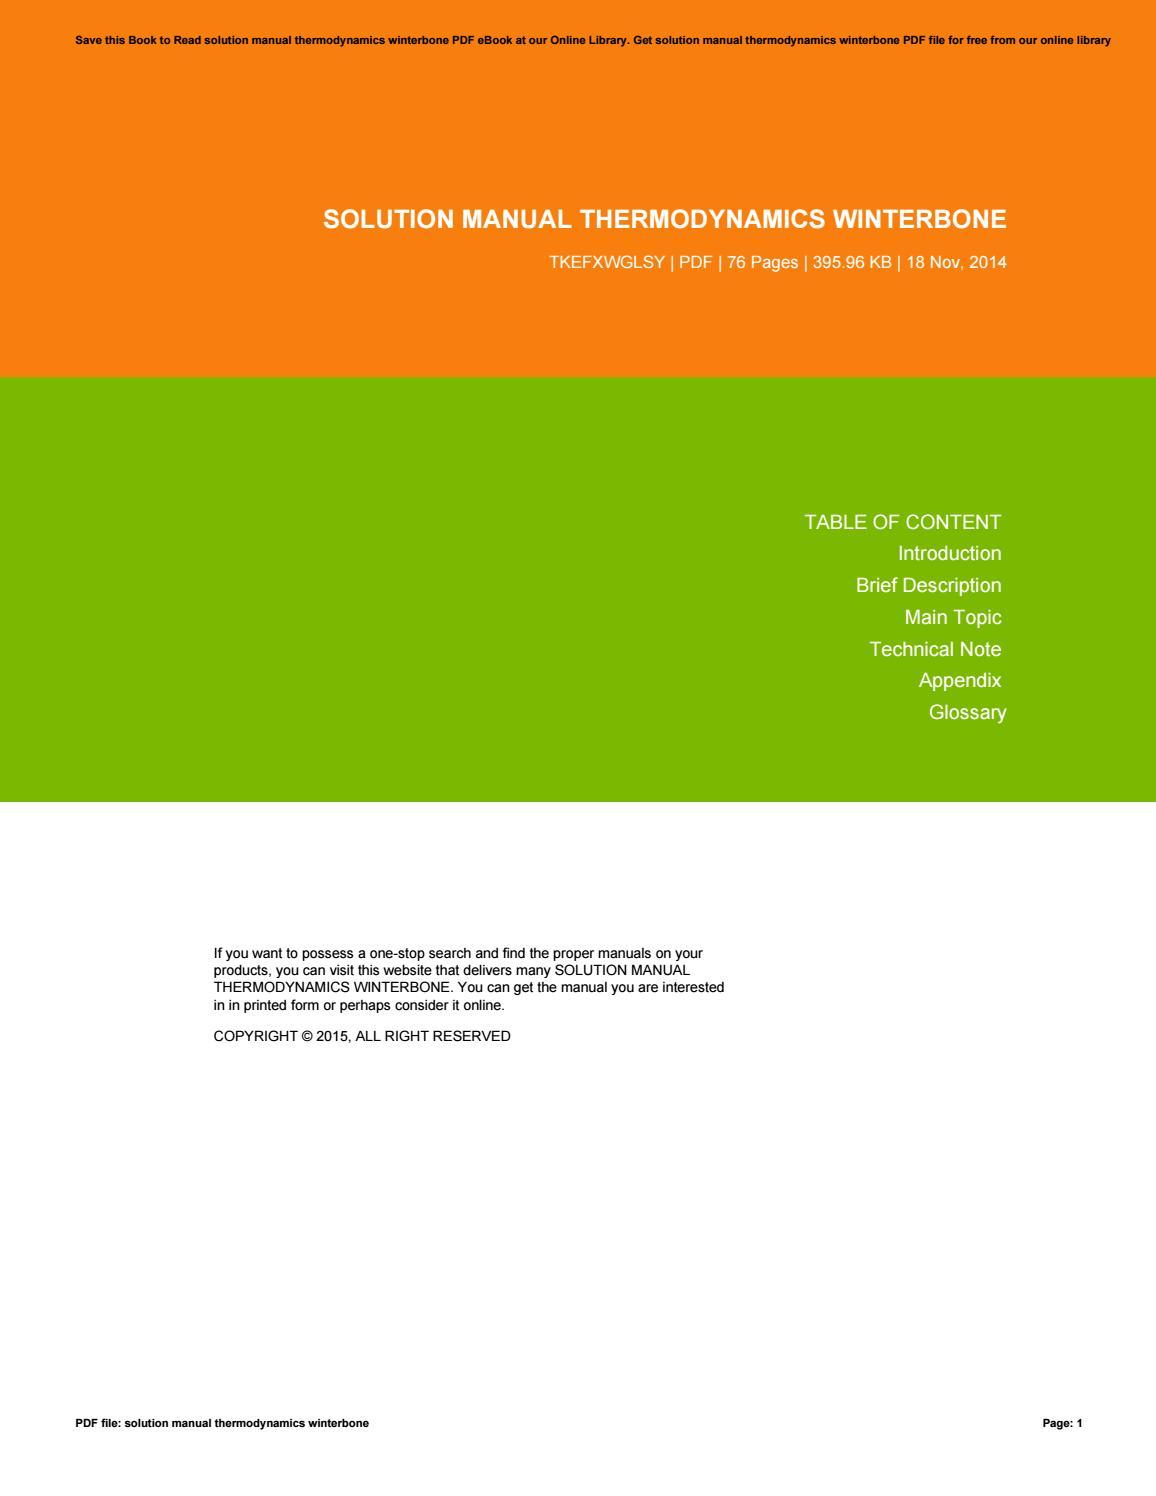 solution manual thermodynamics winterbone by floyd issuu rh issuu com Daniel Woodrell Winter's Bone Ending